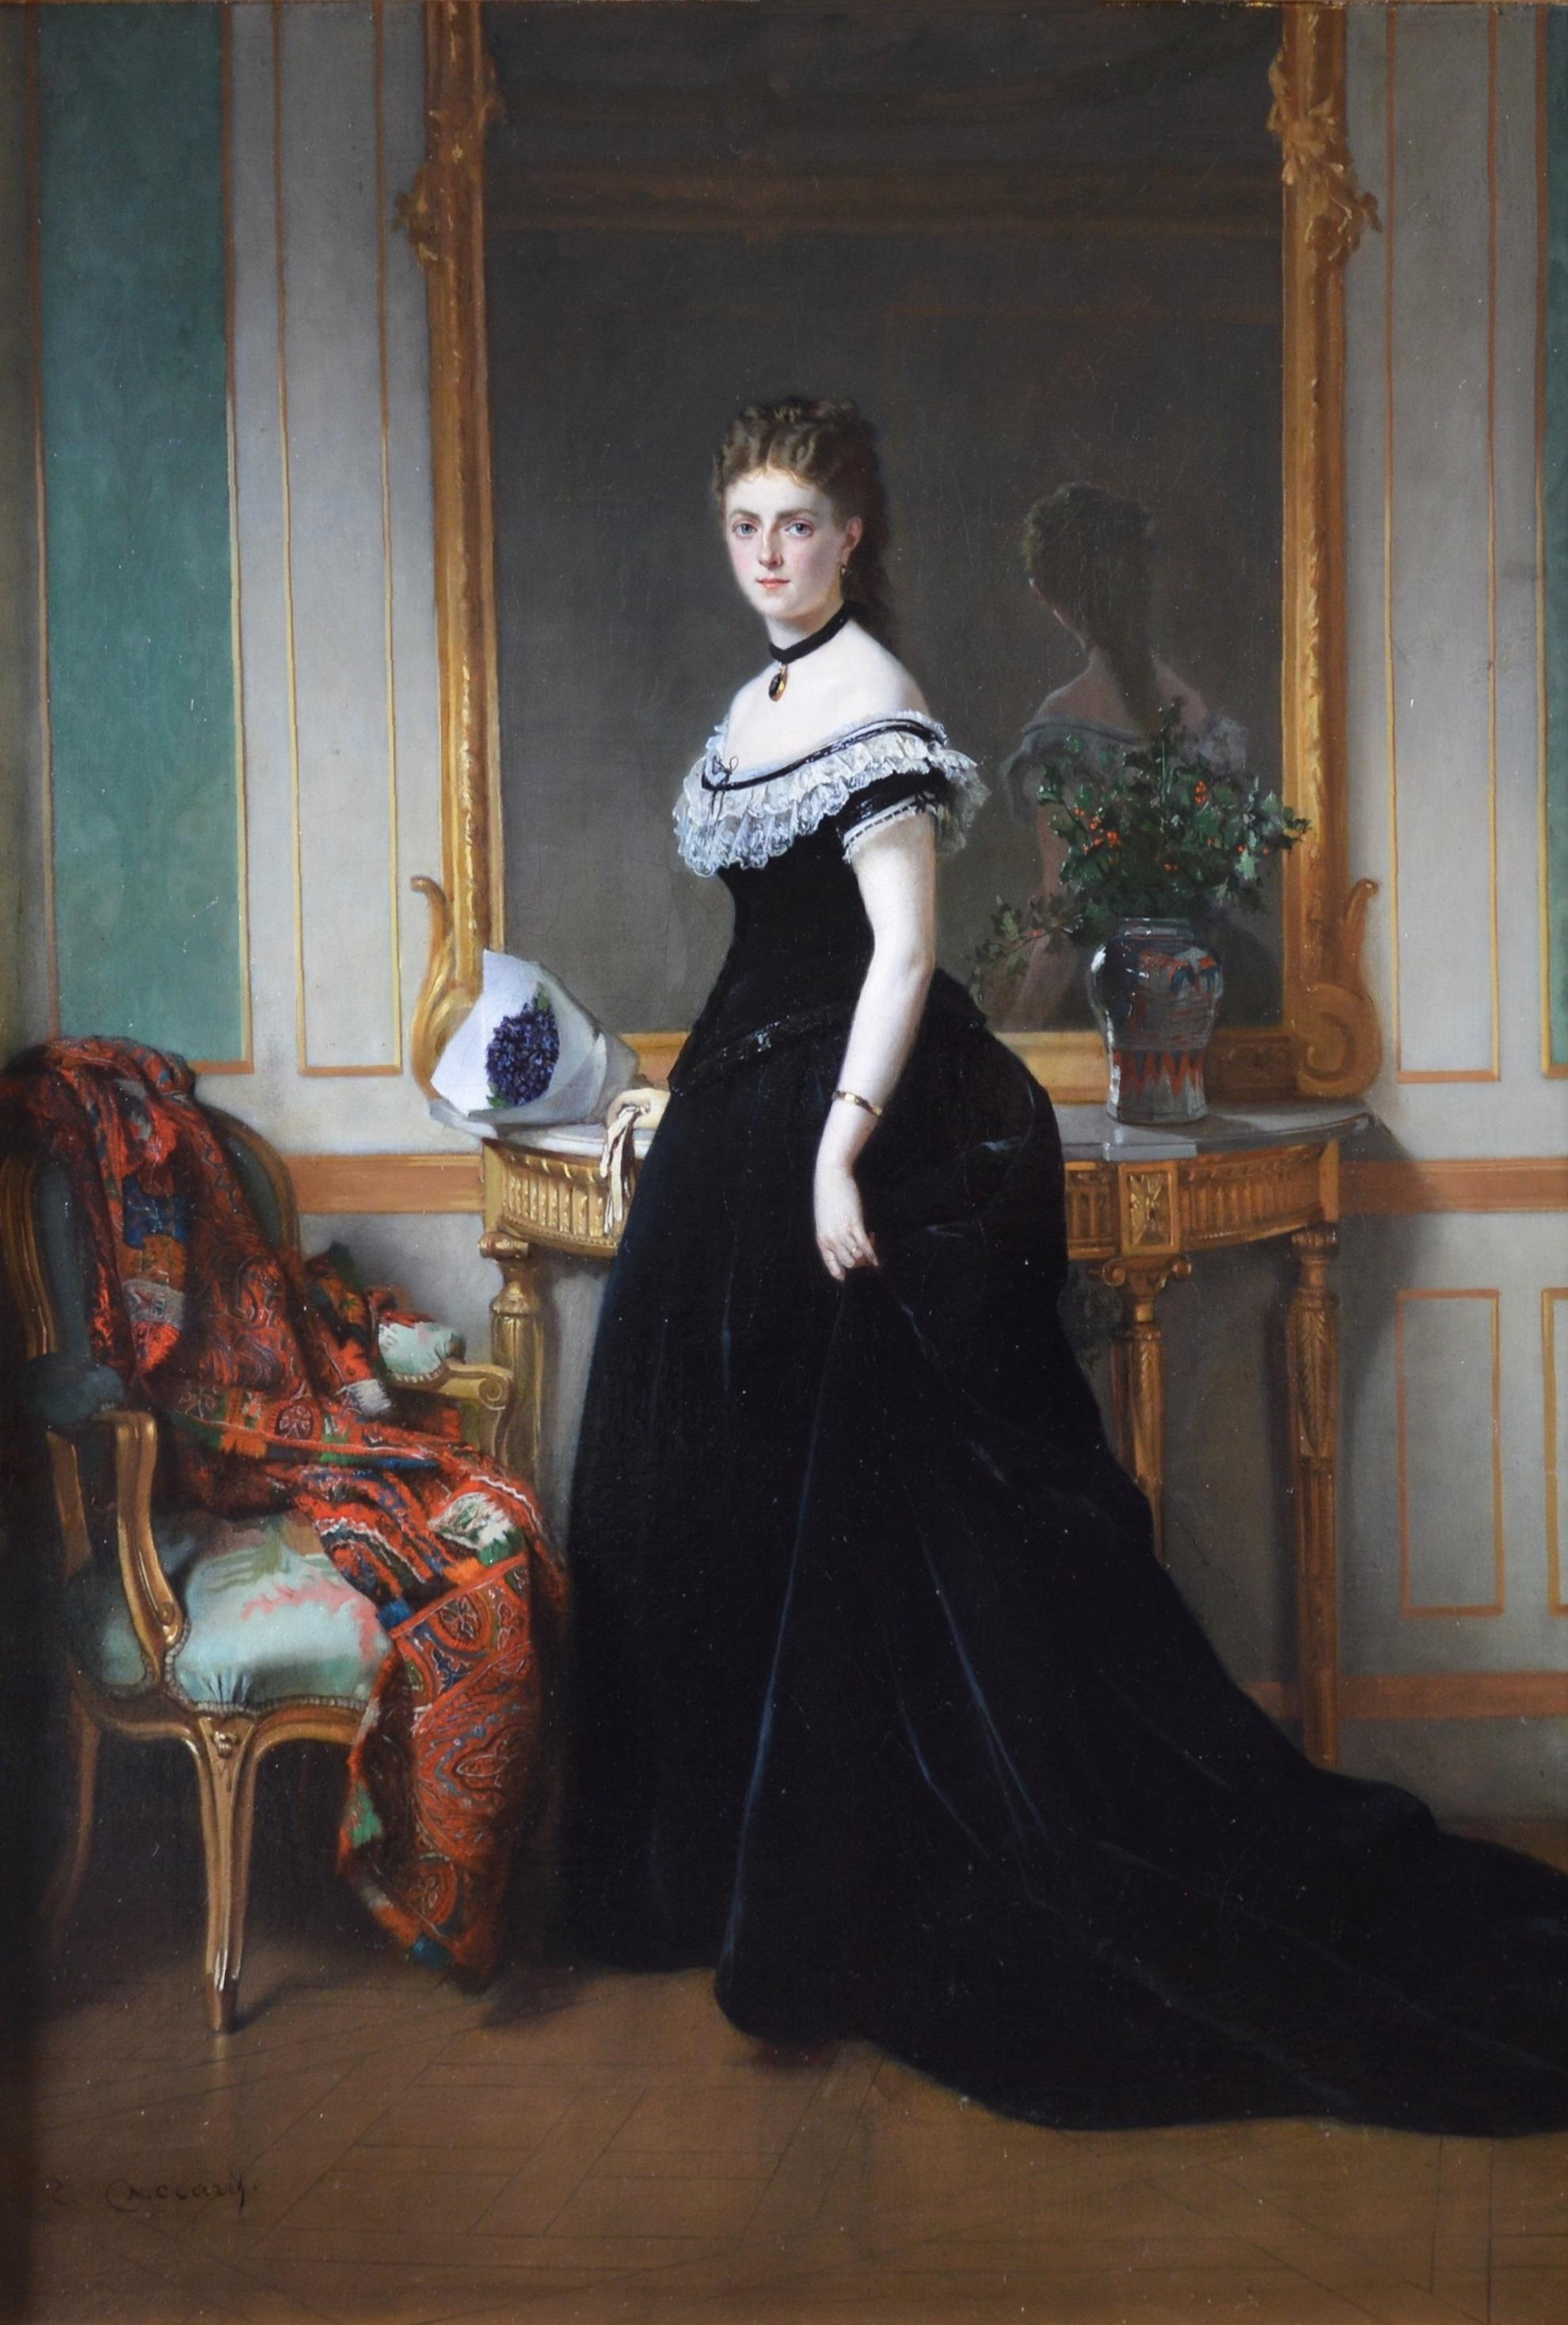 La Femme en Noir - Large 19th Century French Belle Epoque Oil Painting Portrait